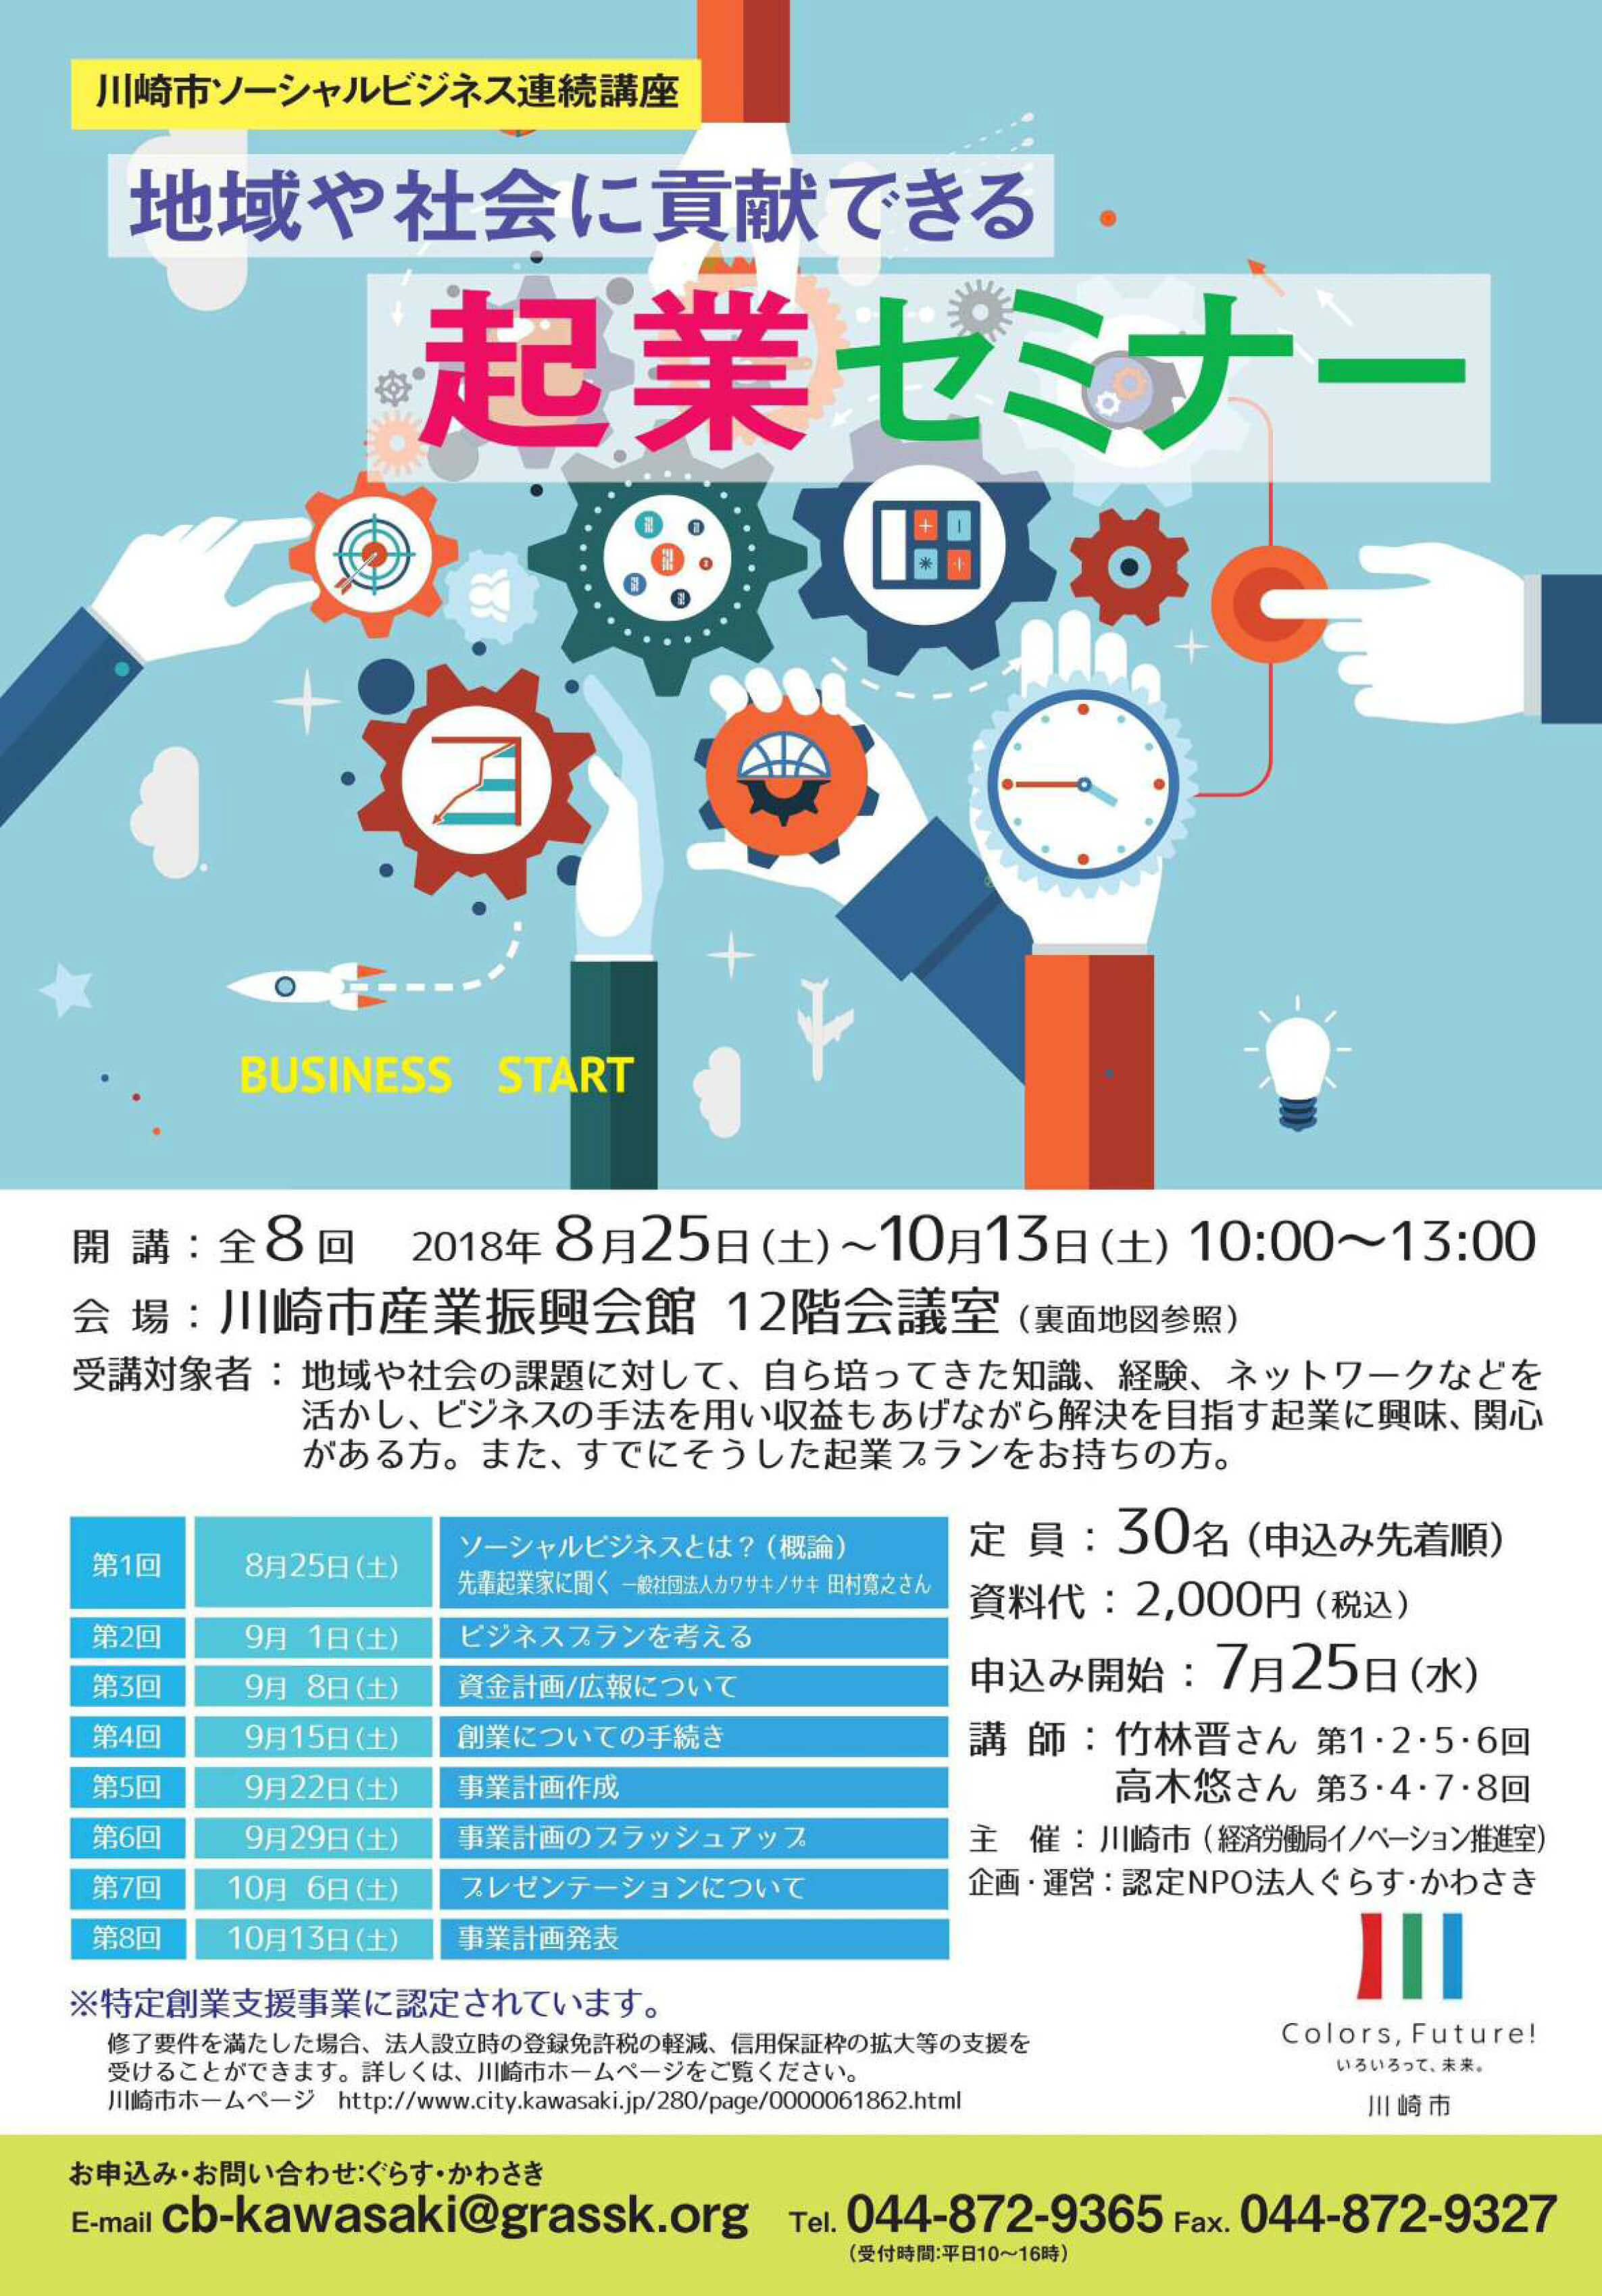 川崎市ソーシャルビジネス連続講座「地域や社会に貢献できる起業セミナー」1